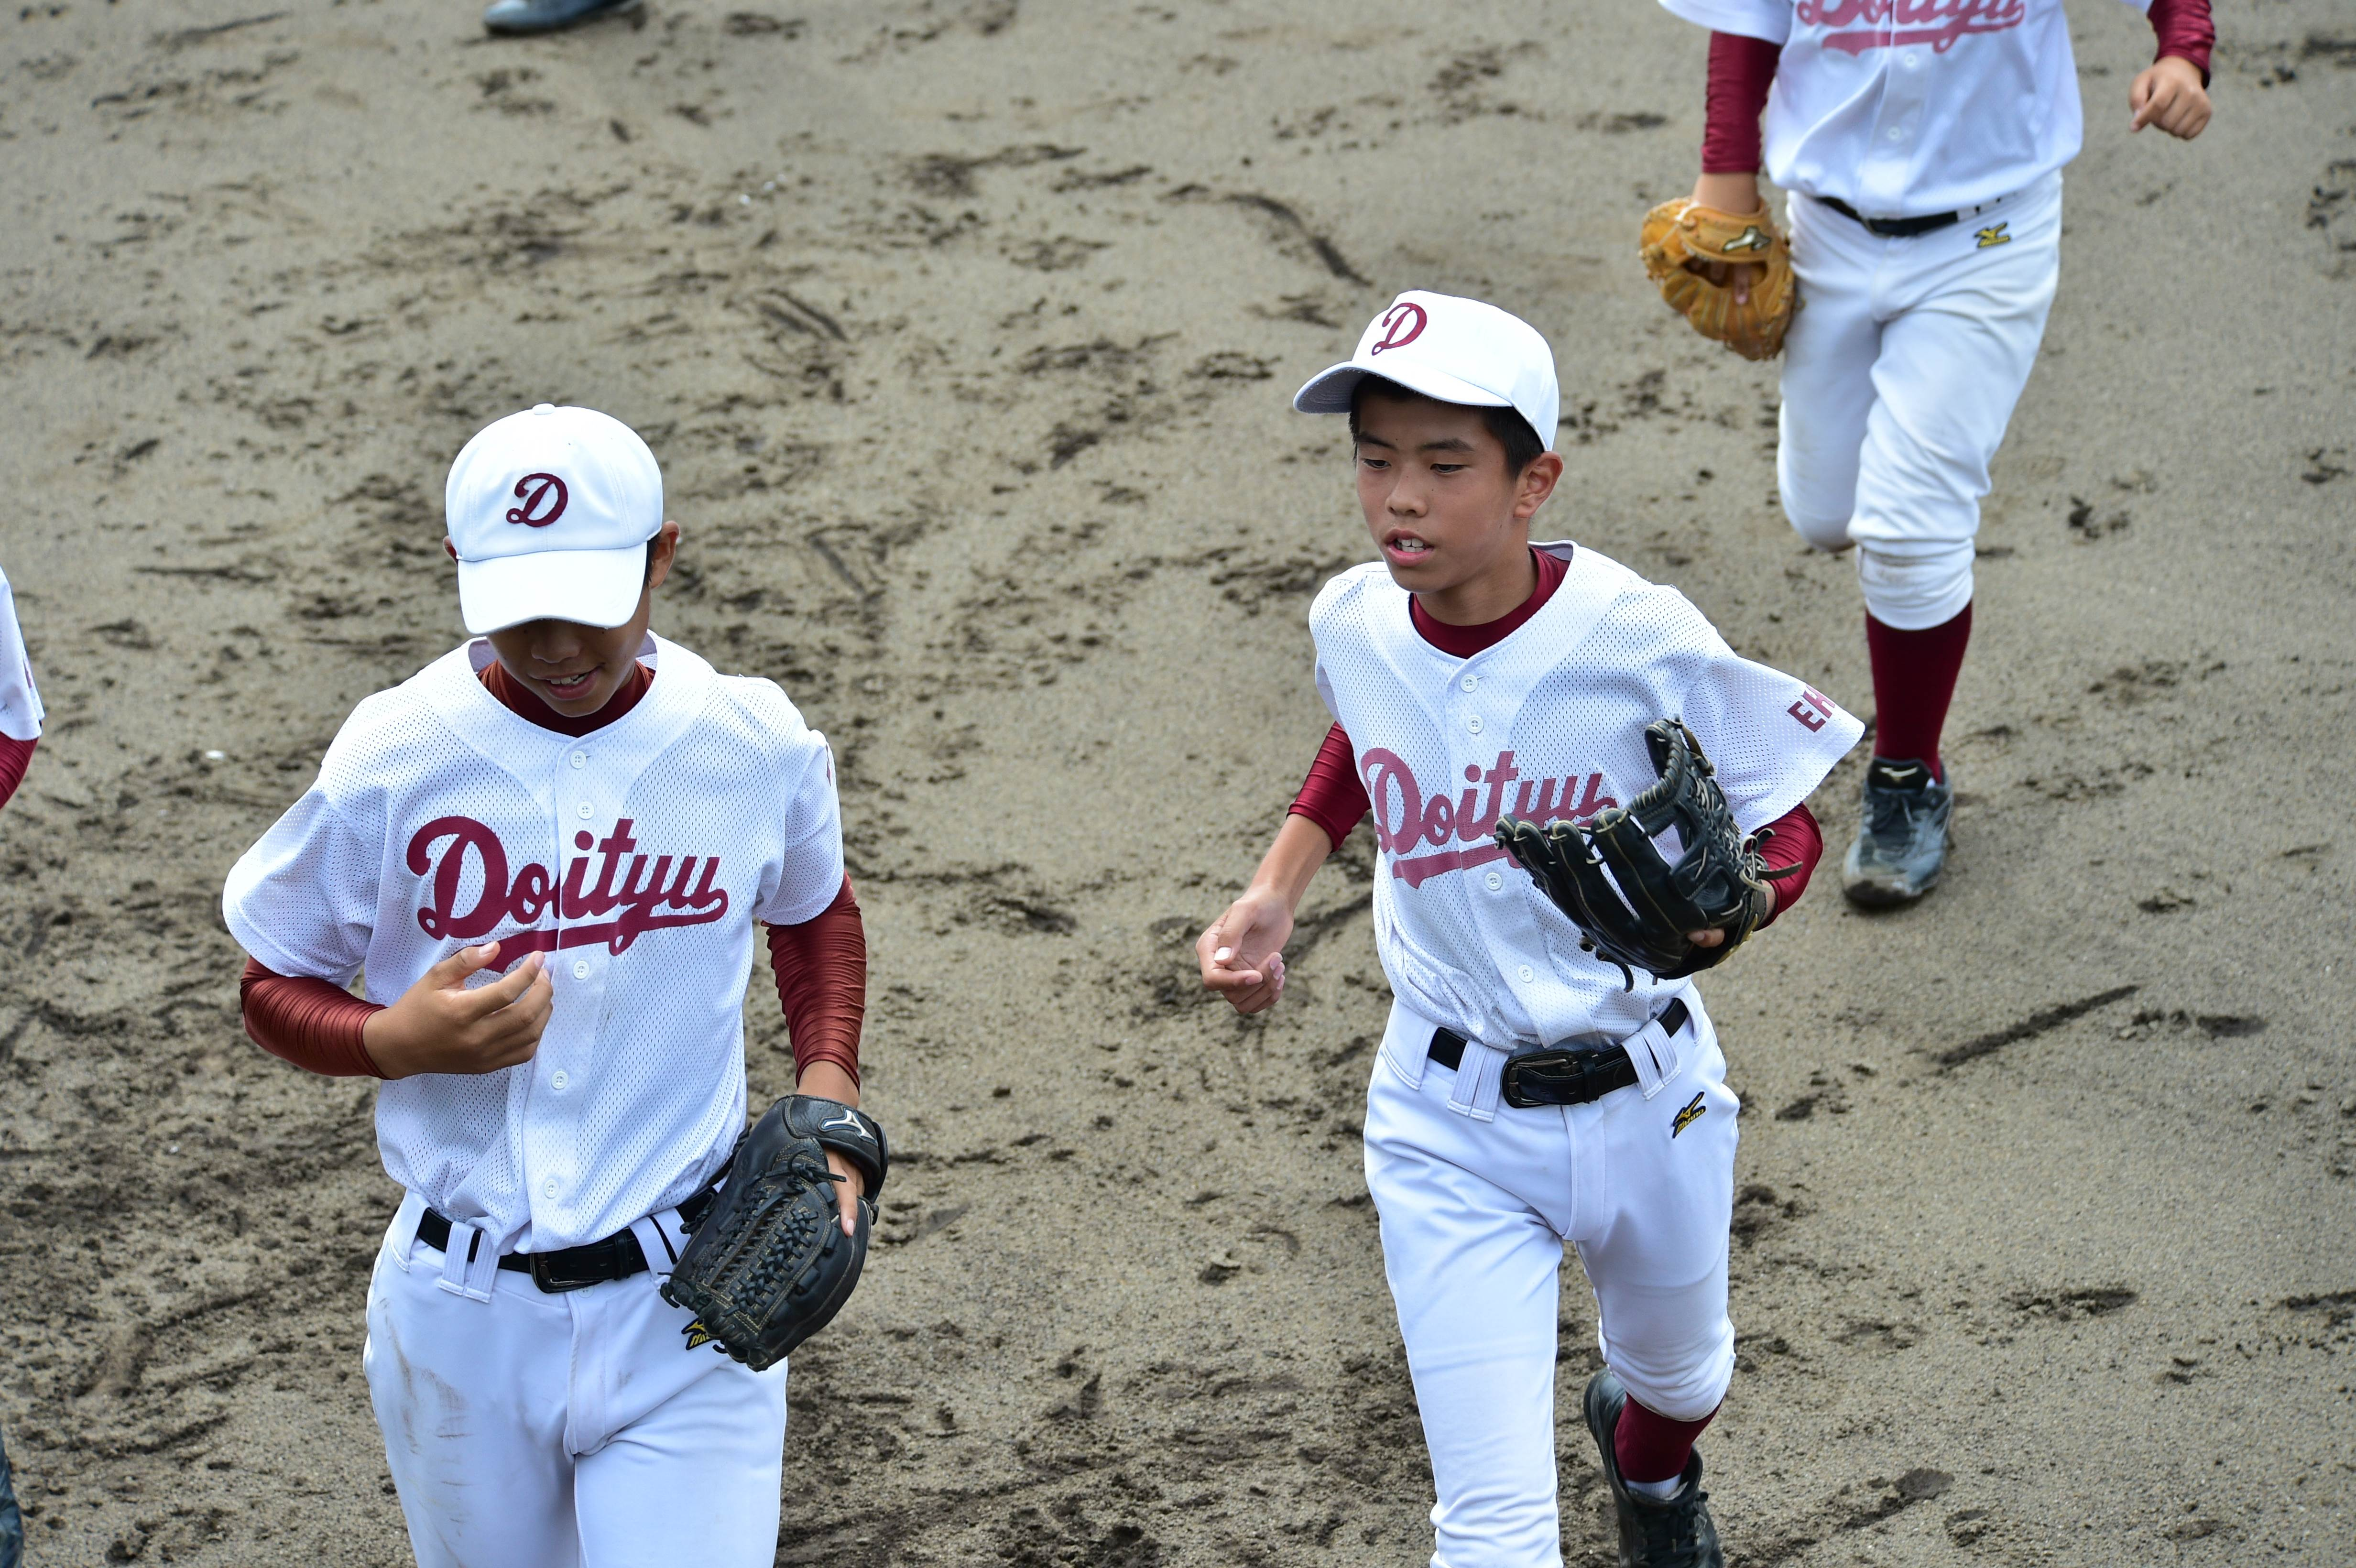 軟式野球 (104)